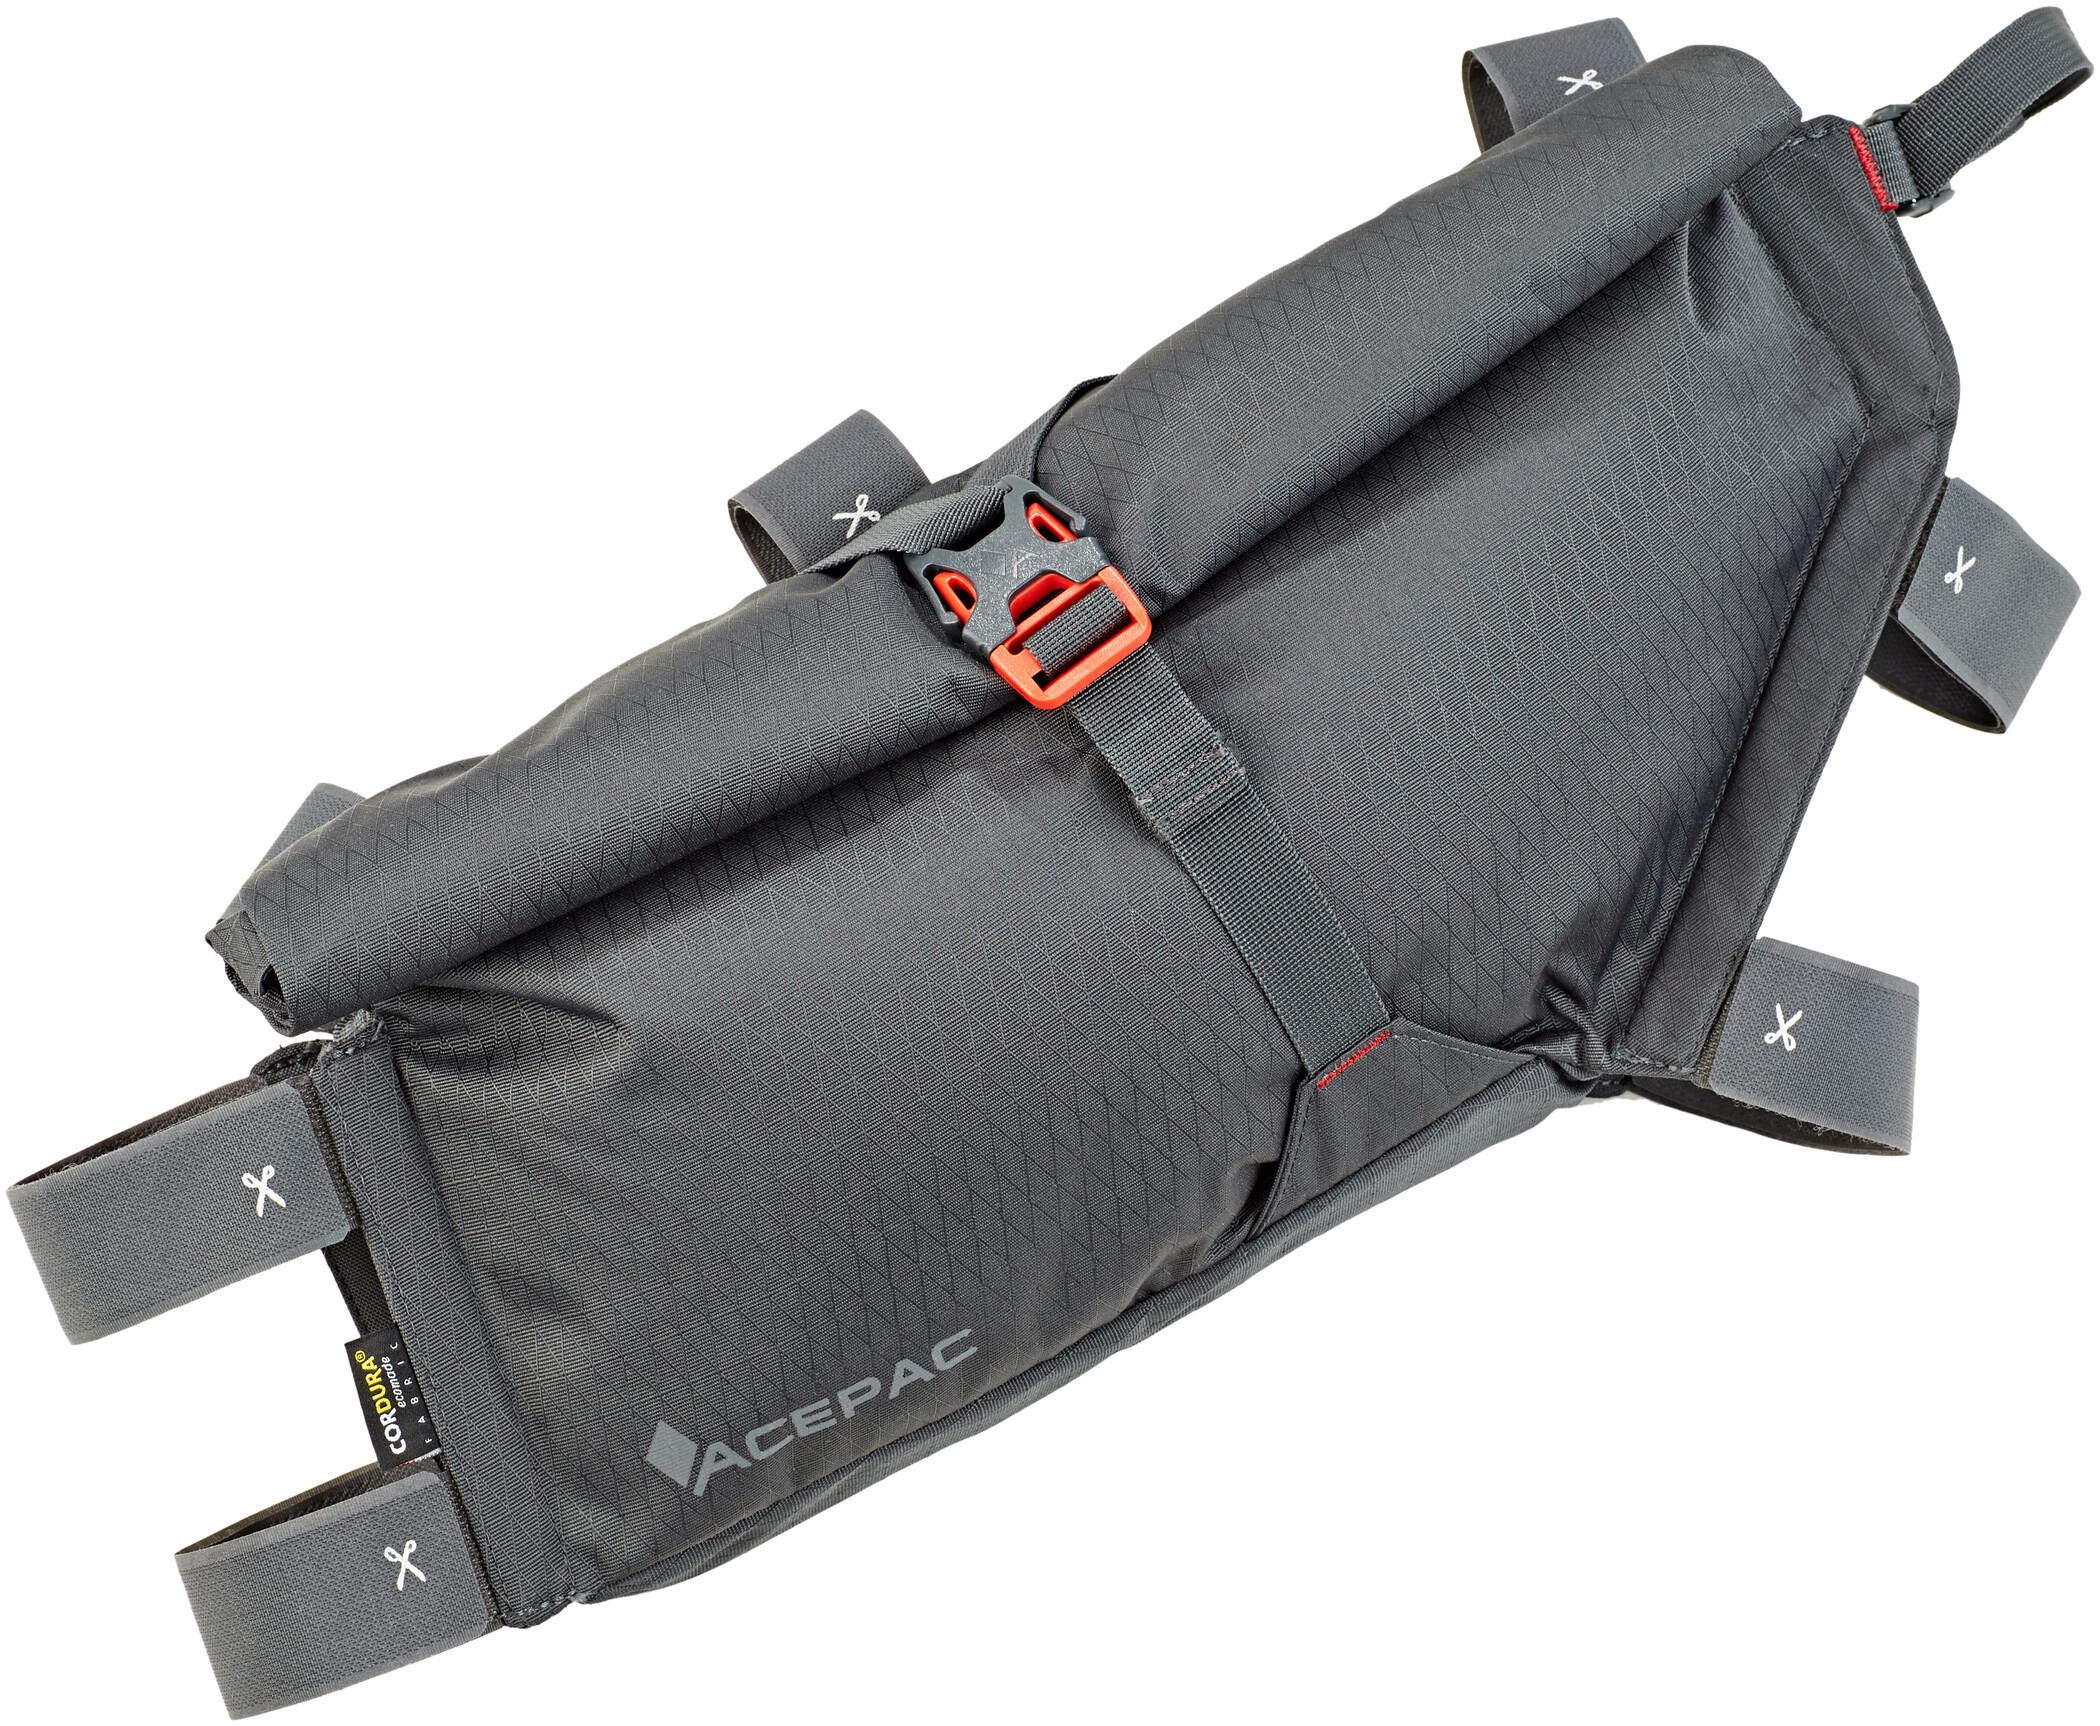 Acepac Roll Cykeltaske L, grey (2019)   Frame bags